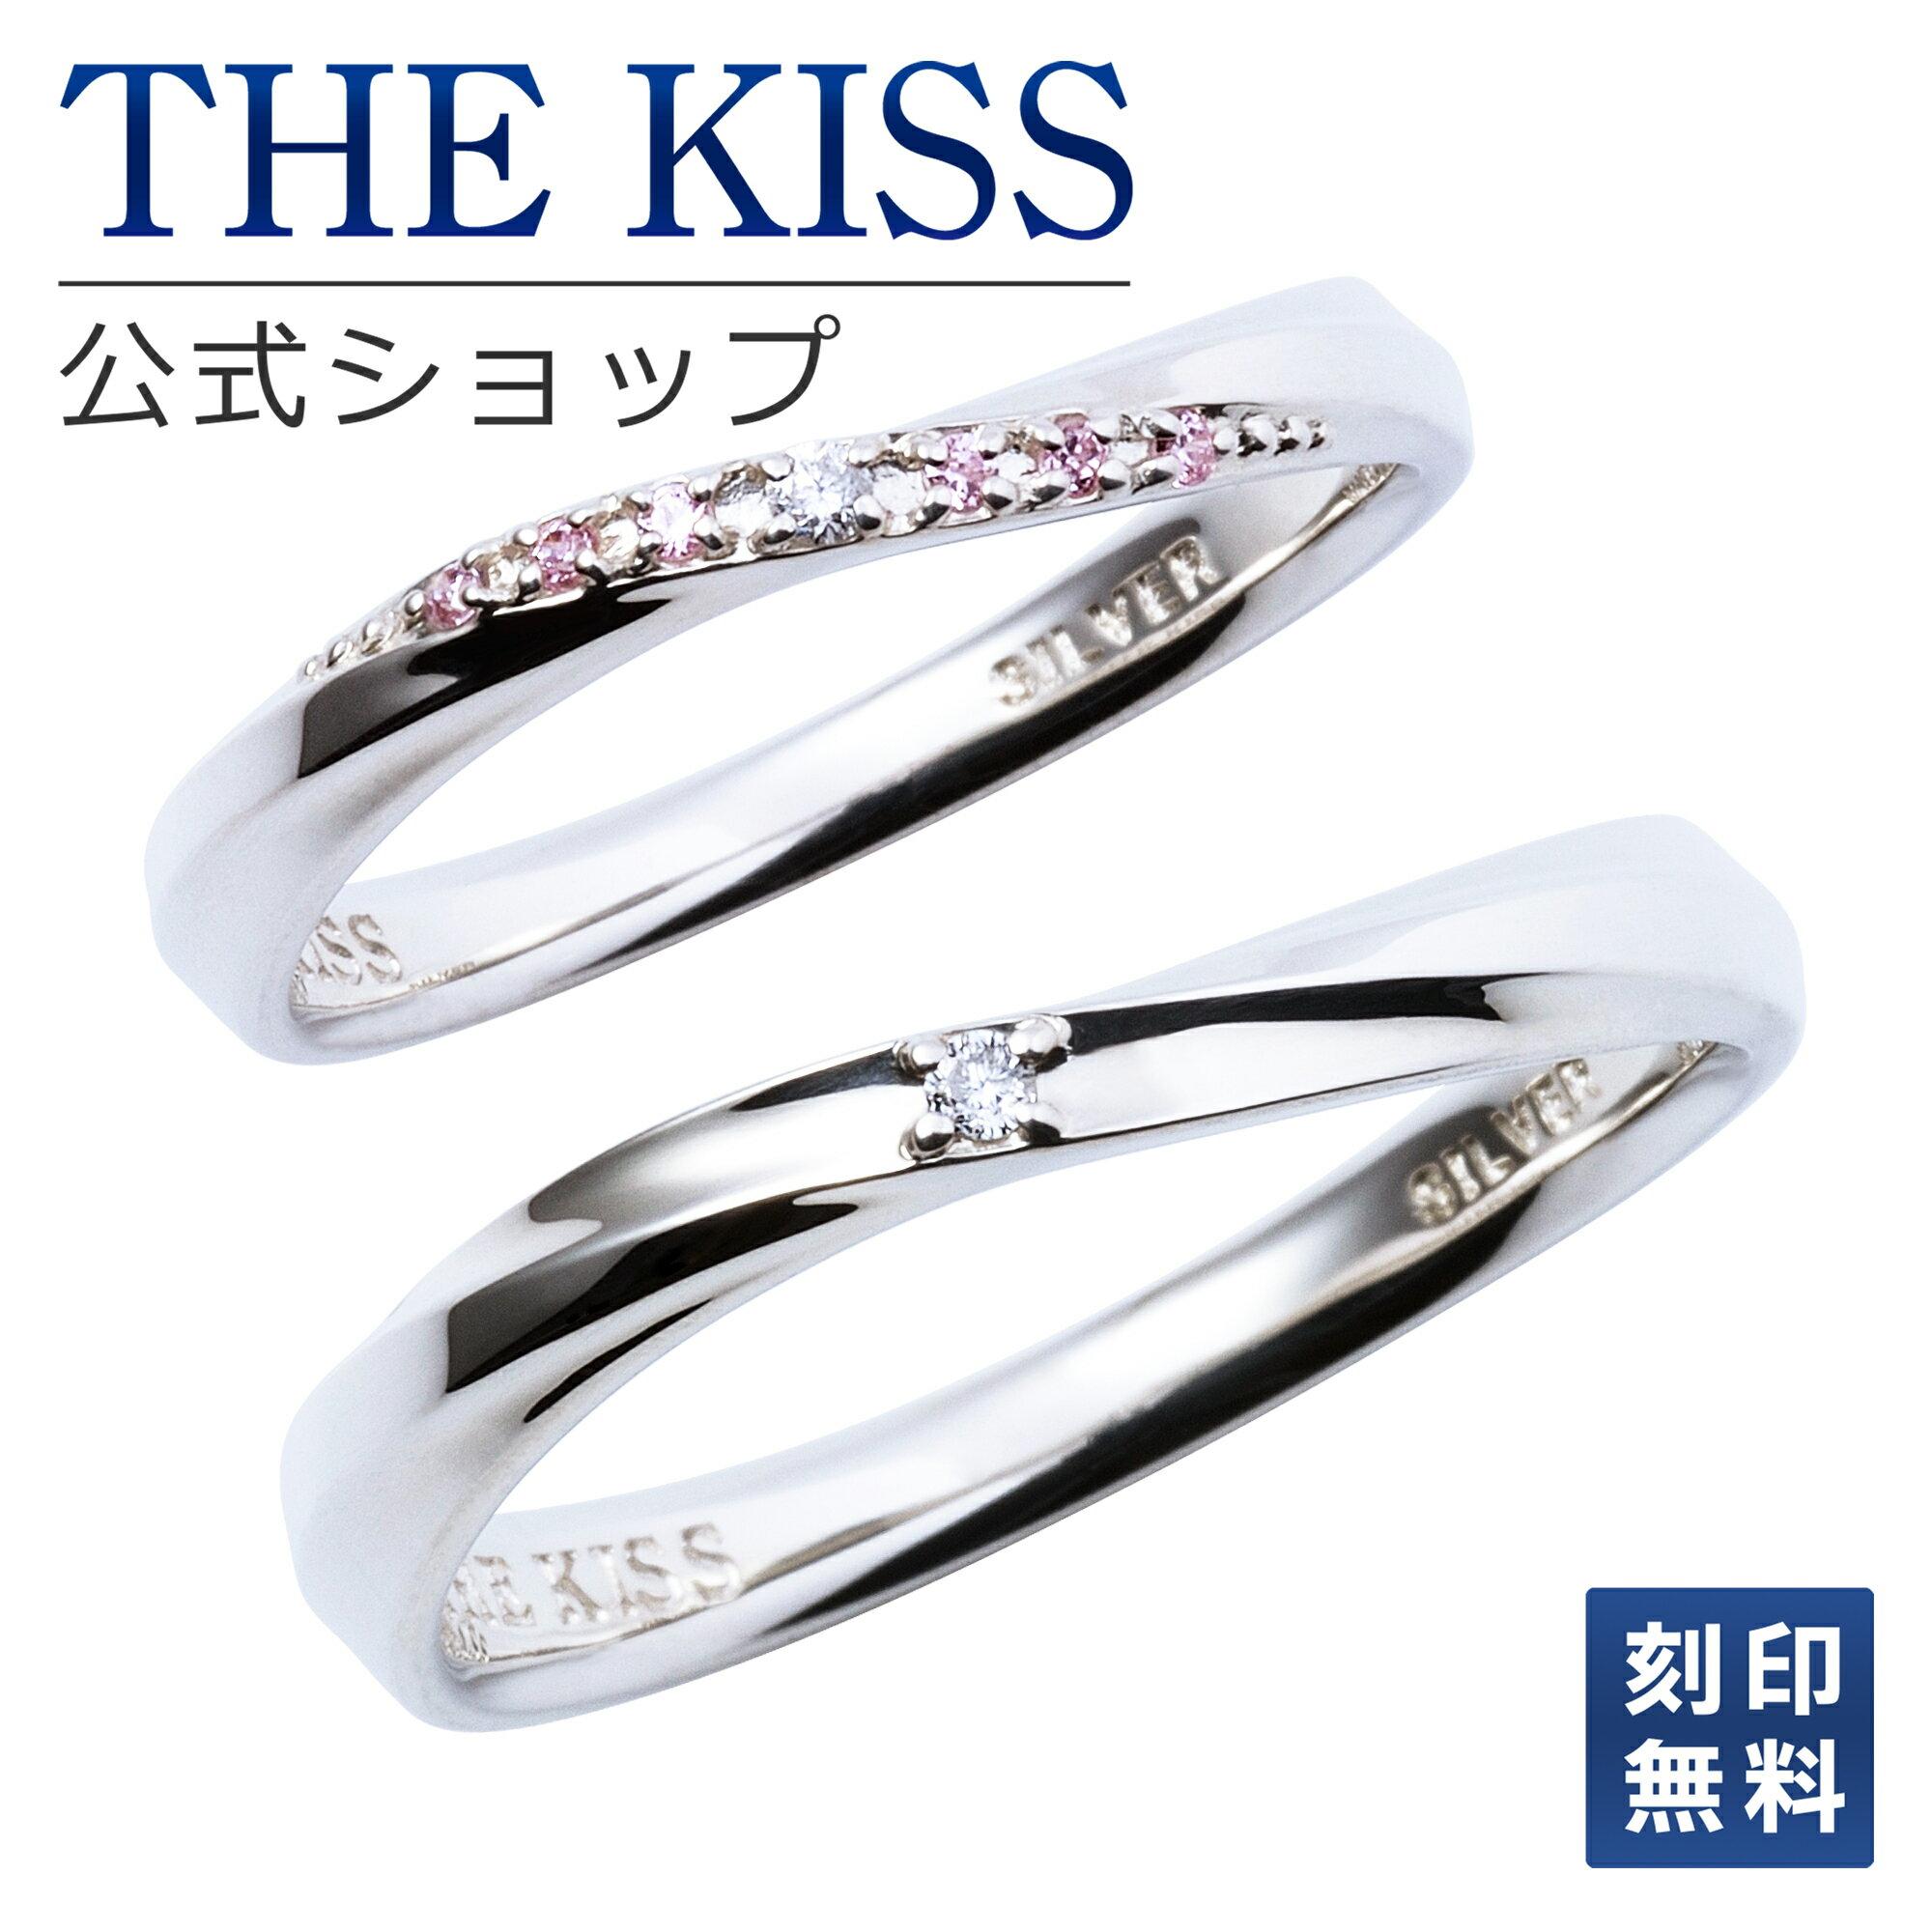 【あす楽対応】THE KISS 公式サイト シルバー ペアリング ダイヤモンド ペアアクセサリー カップル に 人気 の ジュエリーブランド THEKISS ペア リング・指輪 記念日 プレゼント SR1863DM-1864DM ザキス 【送料無料】